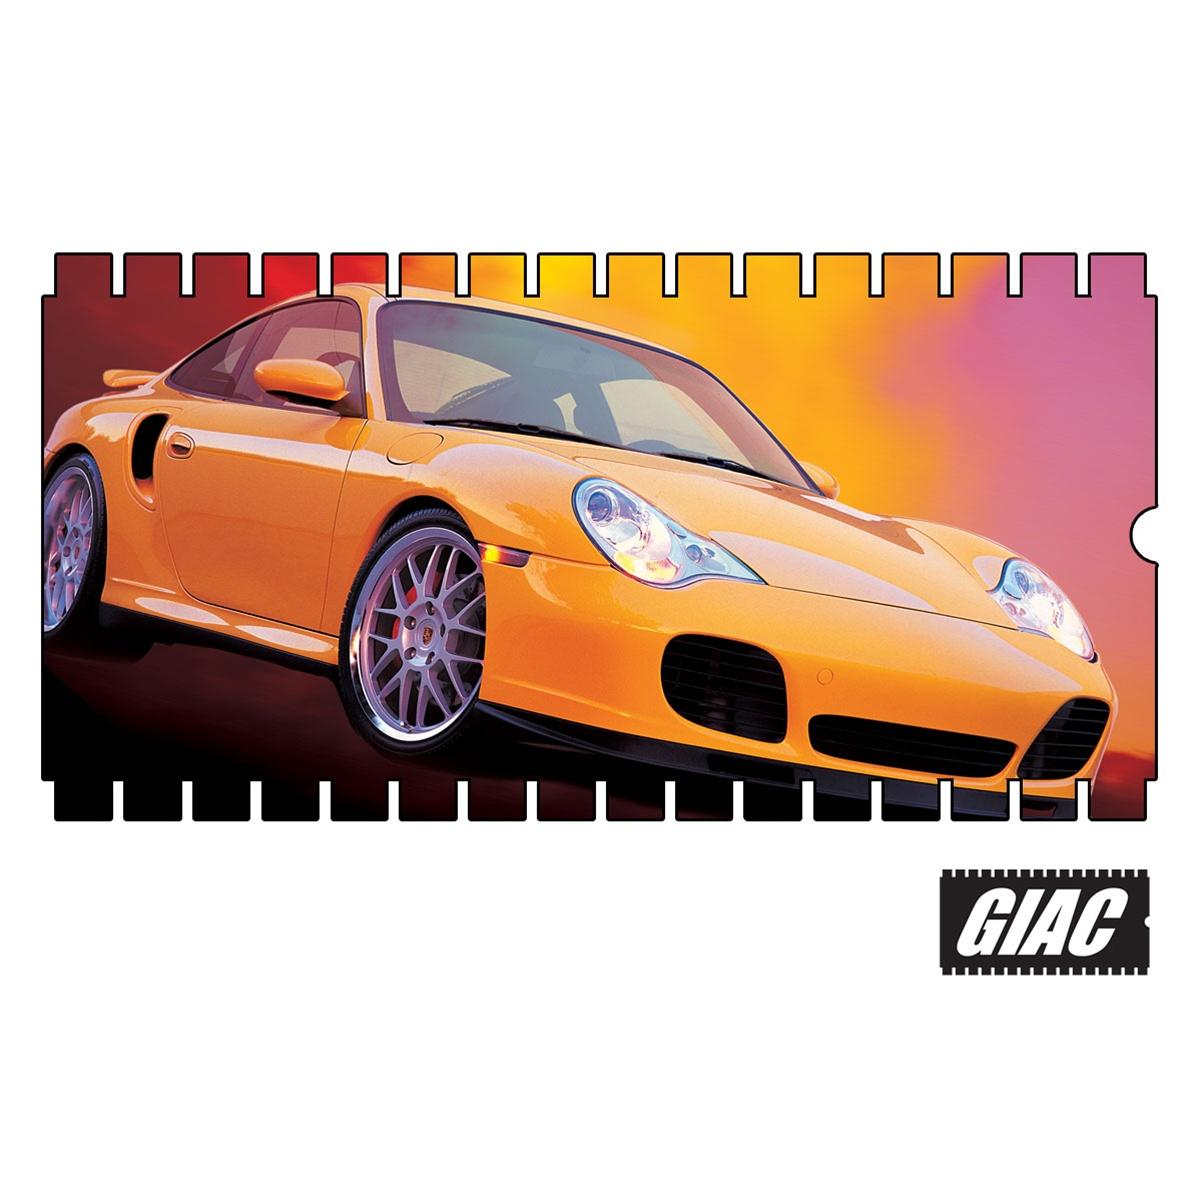 Porsche 996 Engine Hp: Porsche 996 Turbo Performance Software (2001-2004